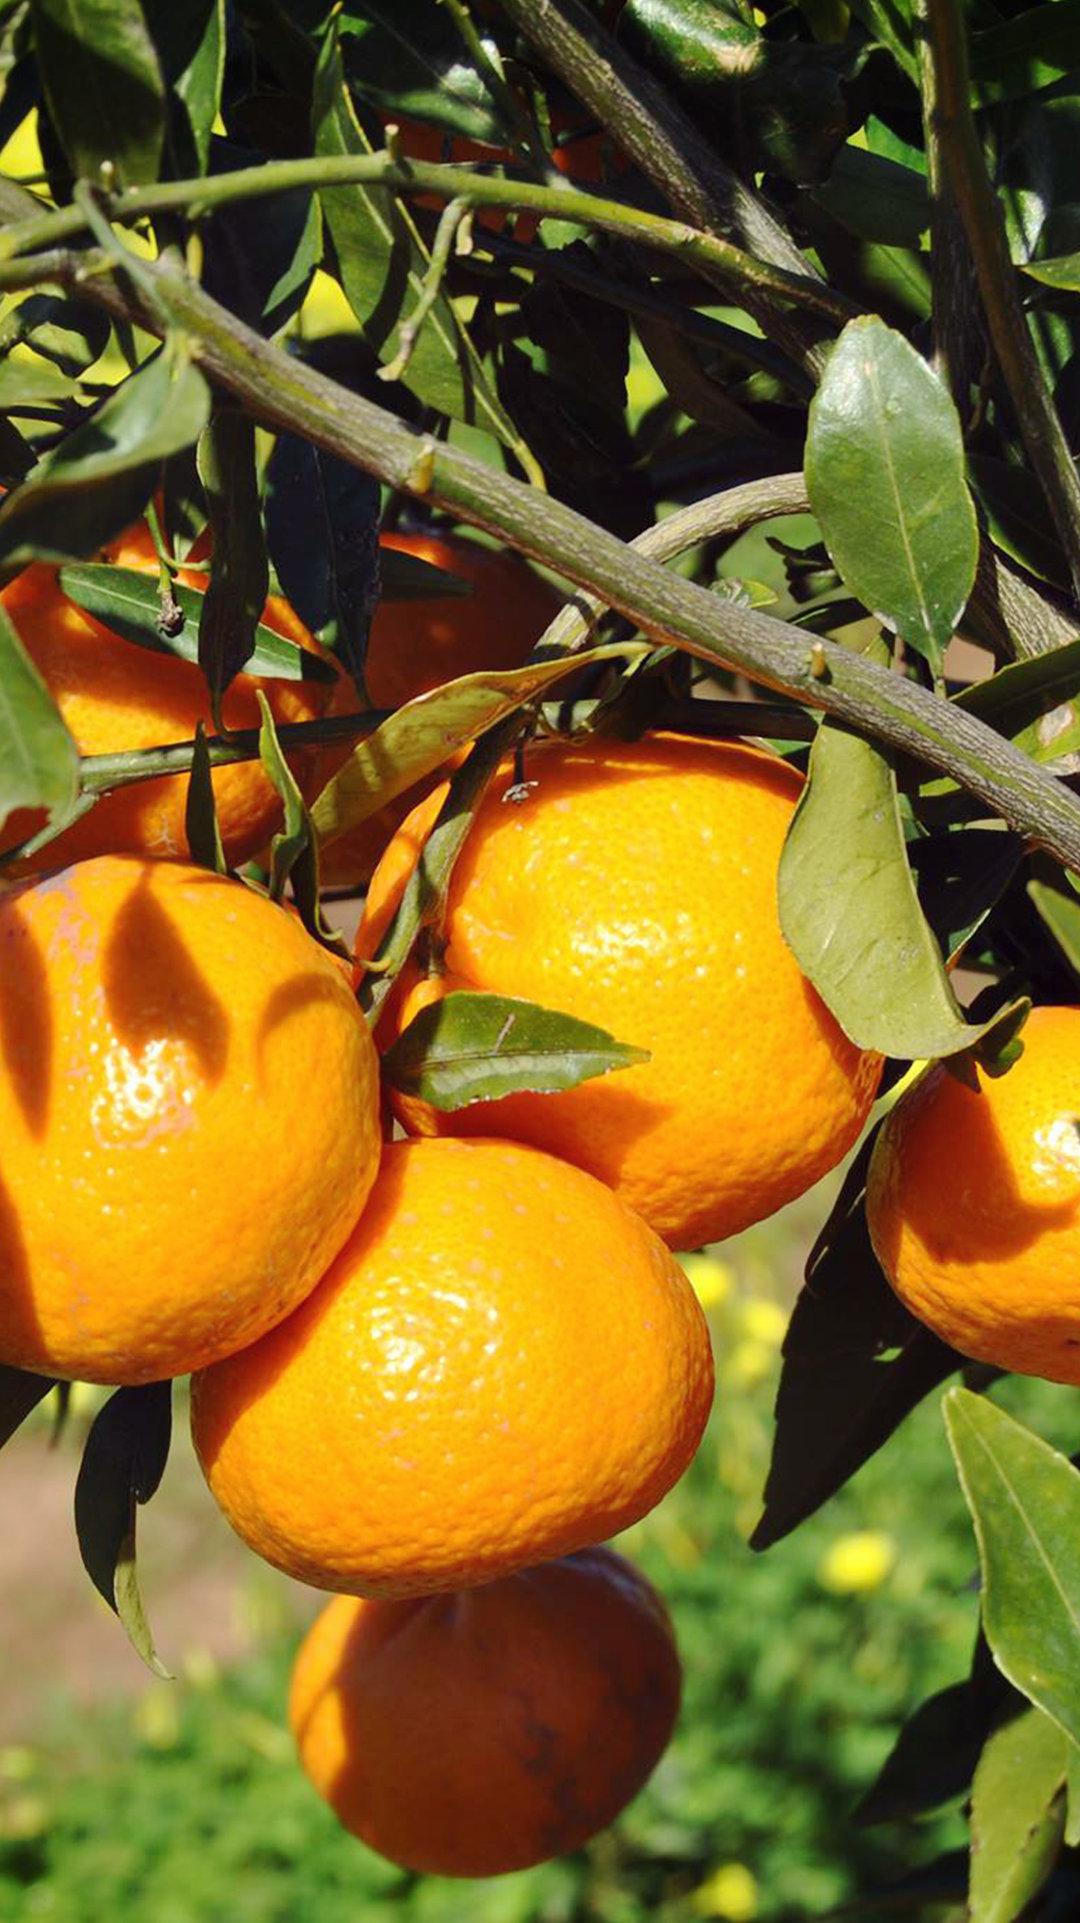 Tardivo mandarin from Ciaculli